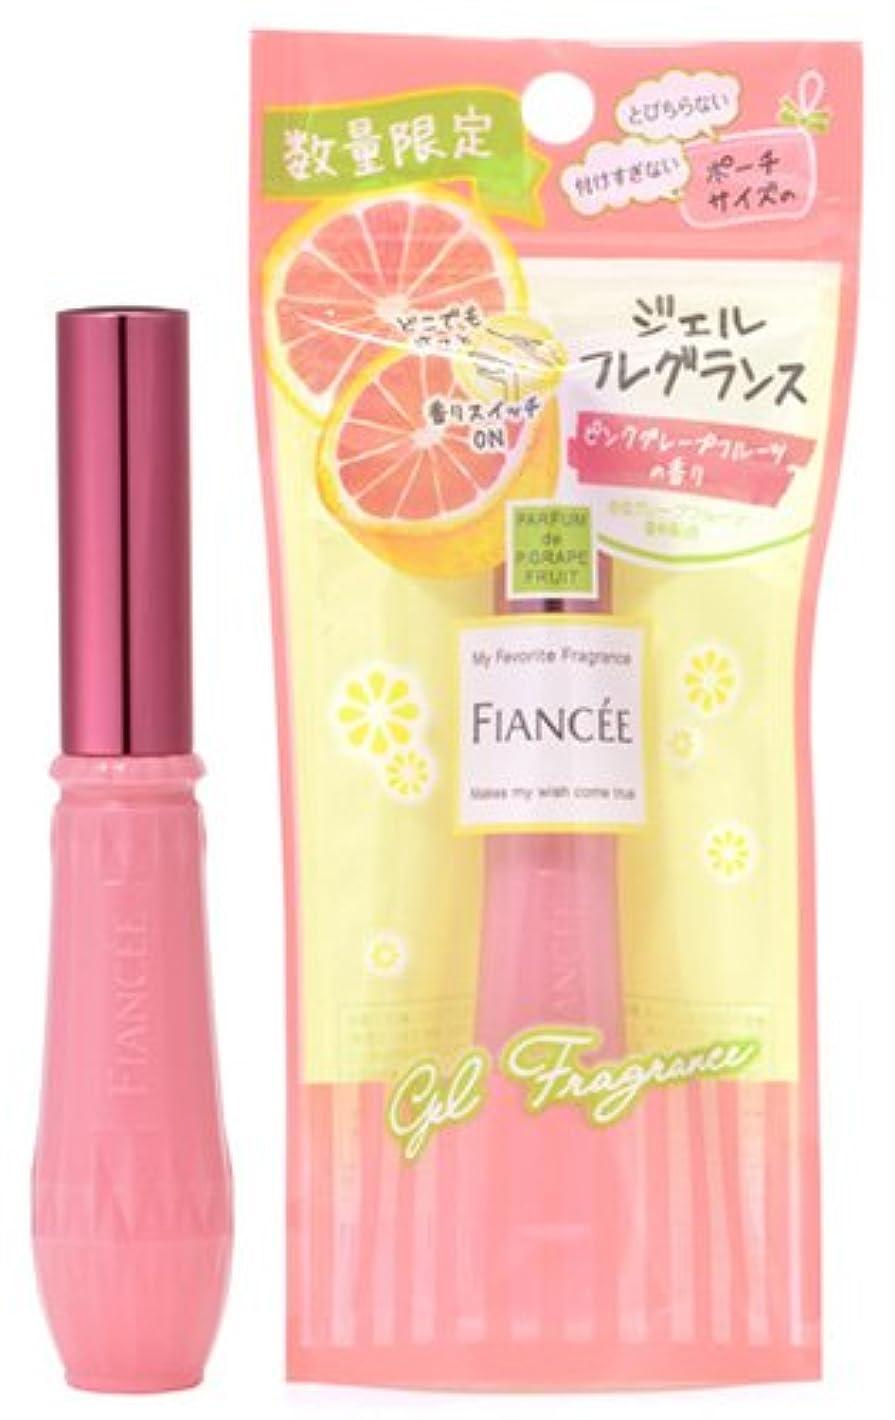 斧リットル共同選択フィアンセ ジェルフレグランス ピンクグレープフルーツの香り